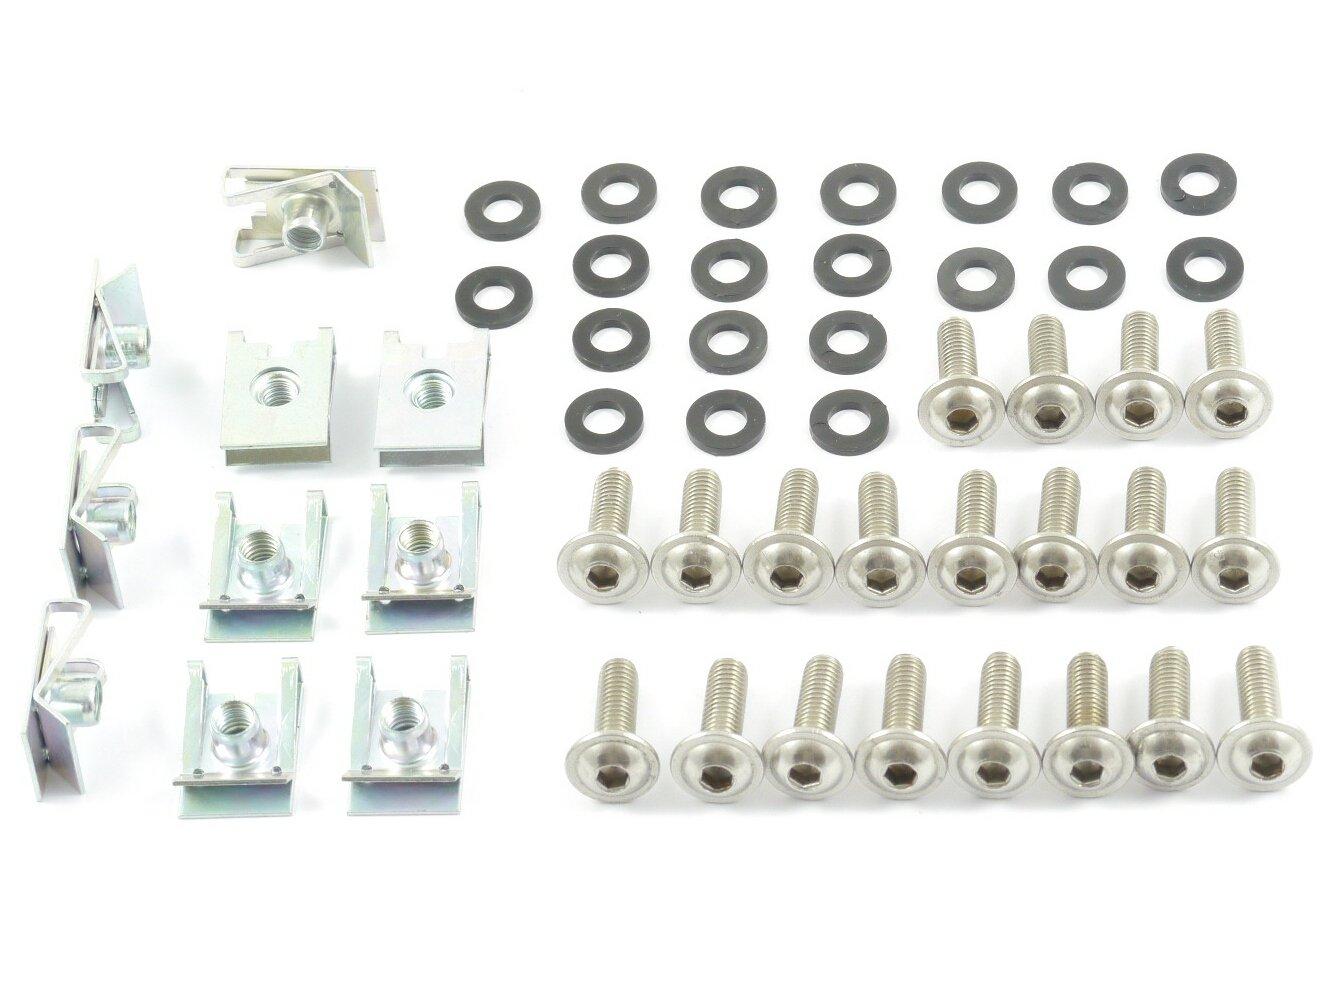 Tech-Parts-Koeln Motorrad Verkleidungsschrauben + Klemmen / Clips M6 Schrauben 6mm Set - 50 Teile